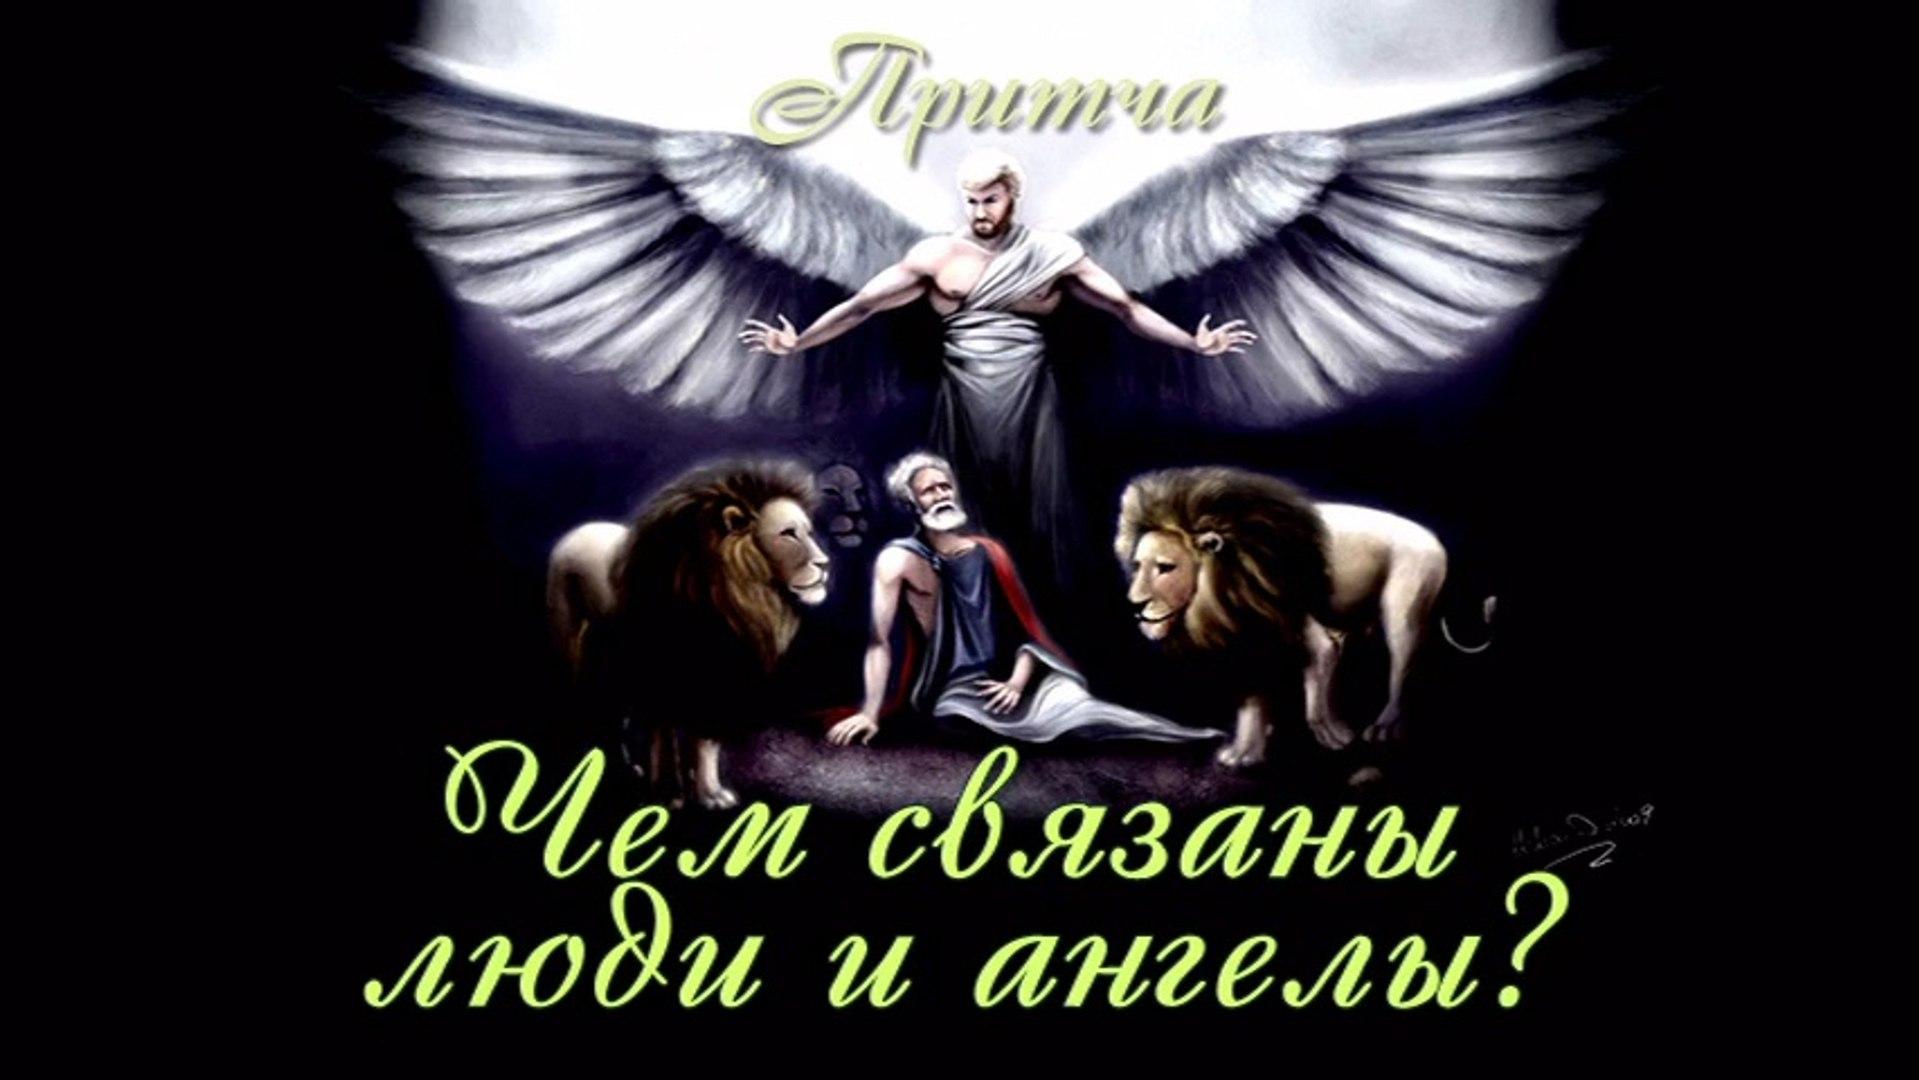 Чем связаны люди и ангелы? ( самые лучшие притчи о жизни для детей и взрослых)